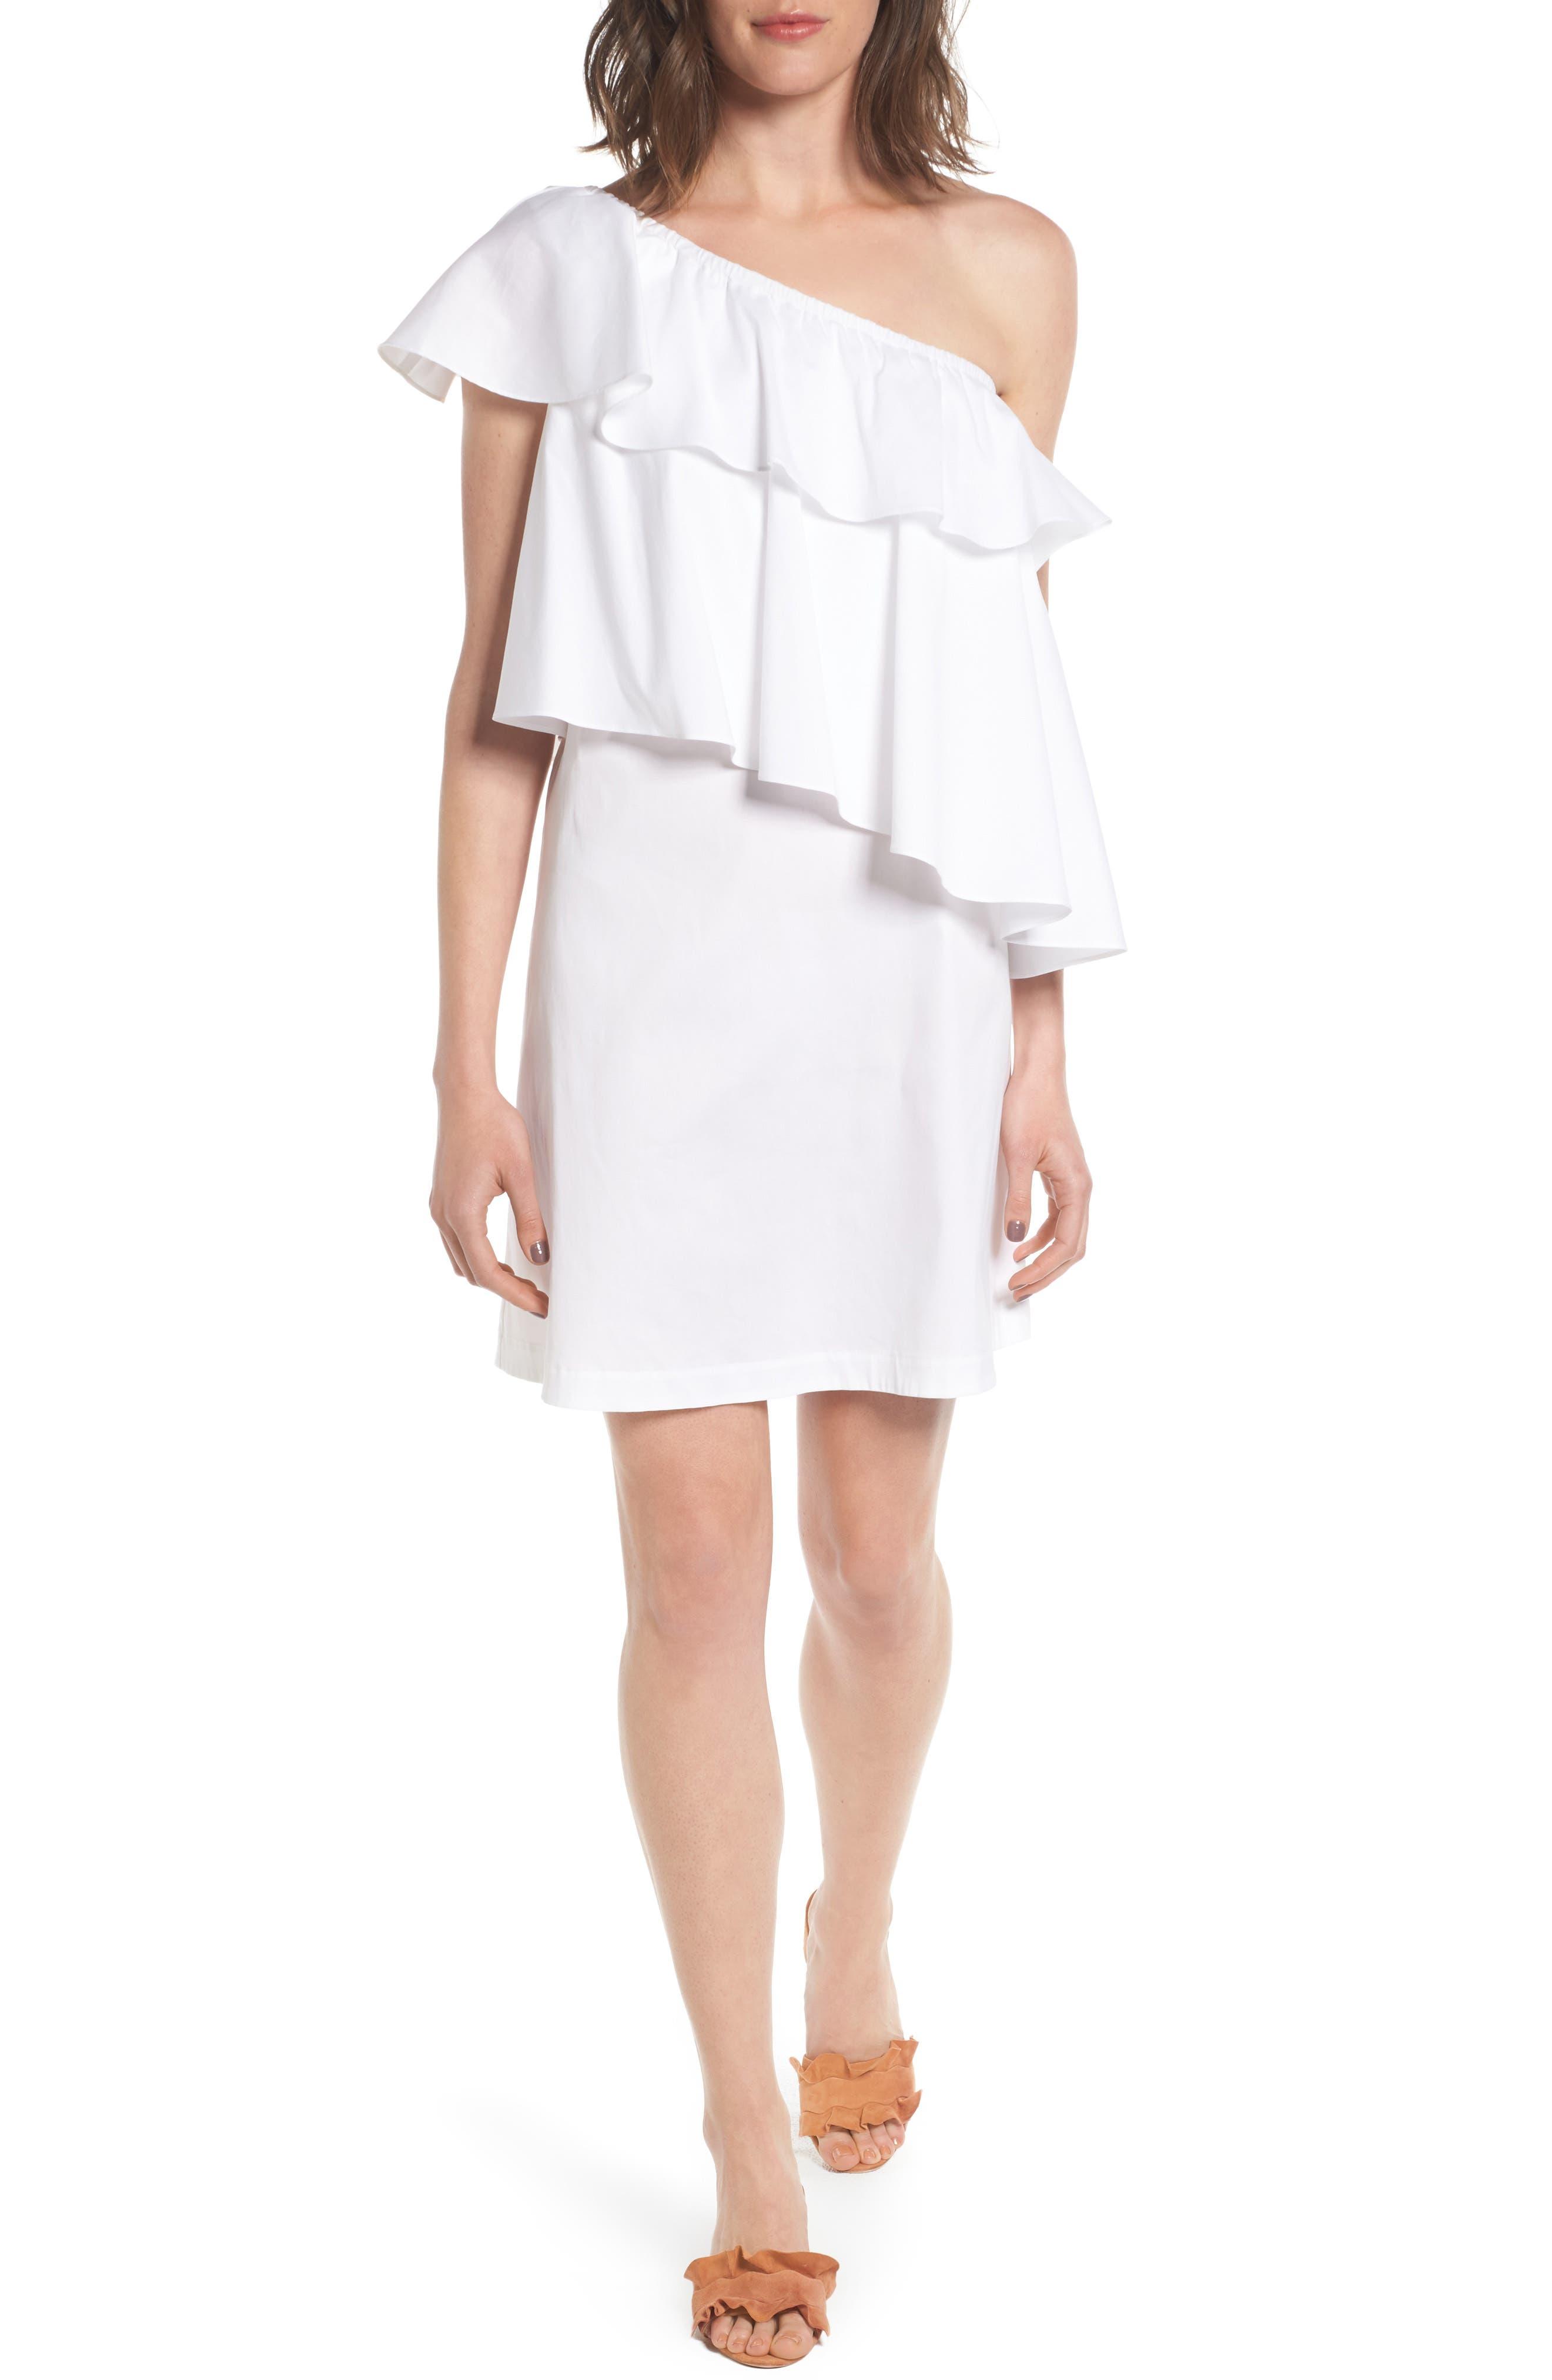 Chelsea28 One-Shoulder Dress